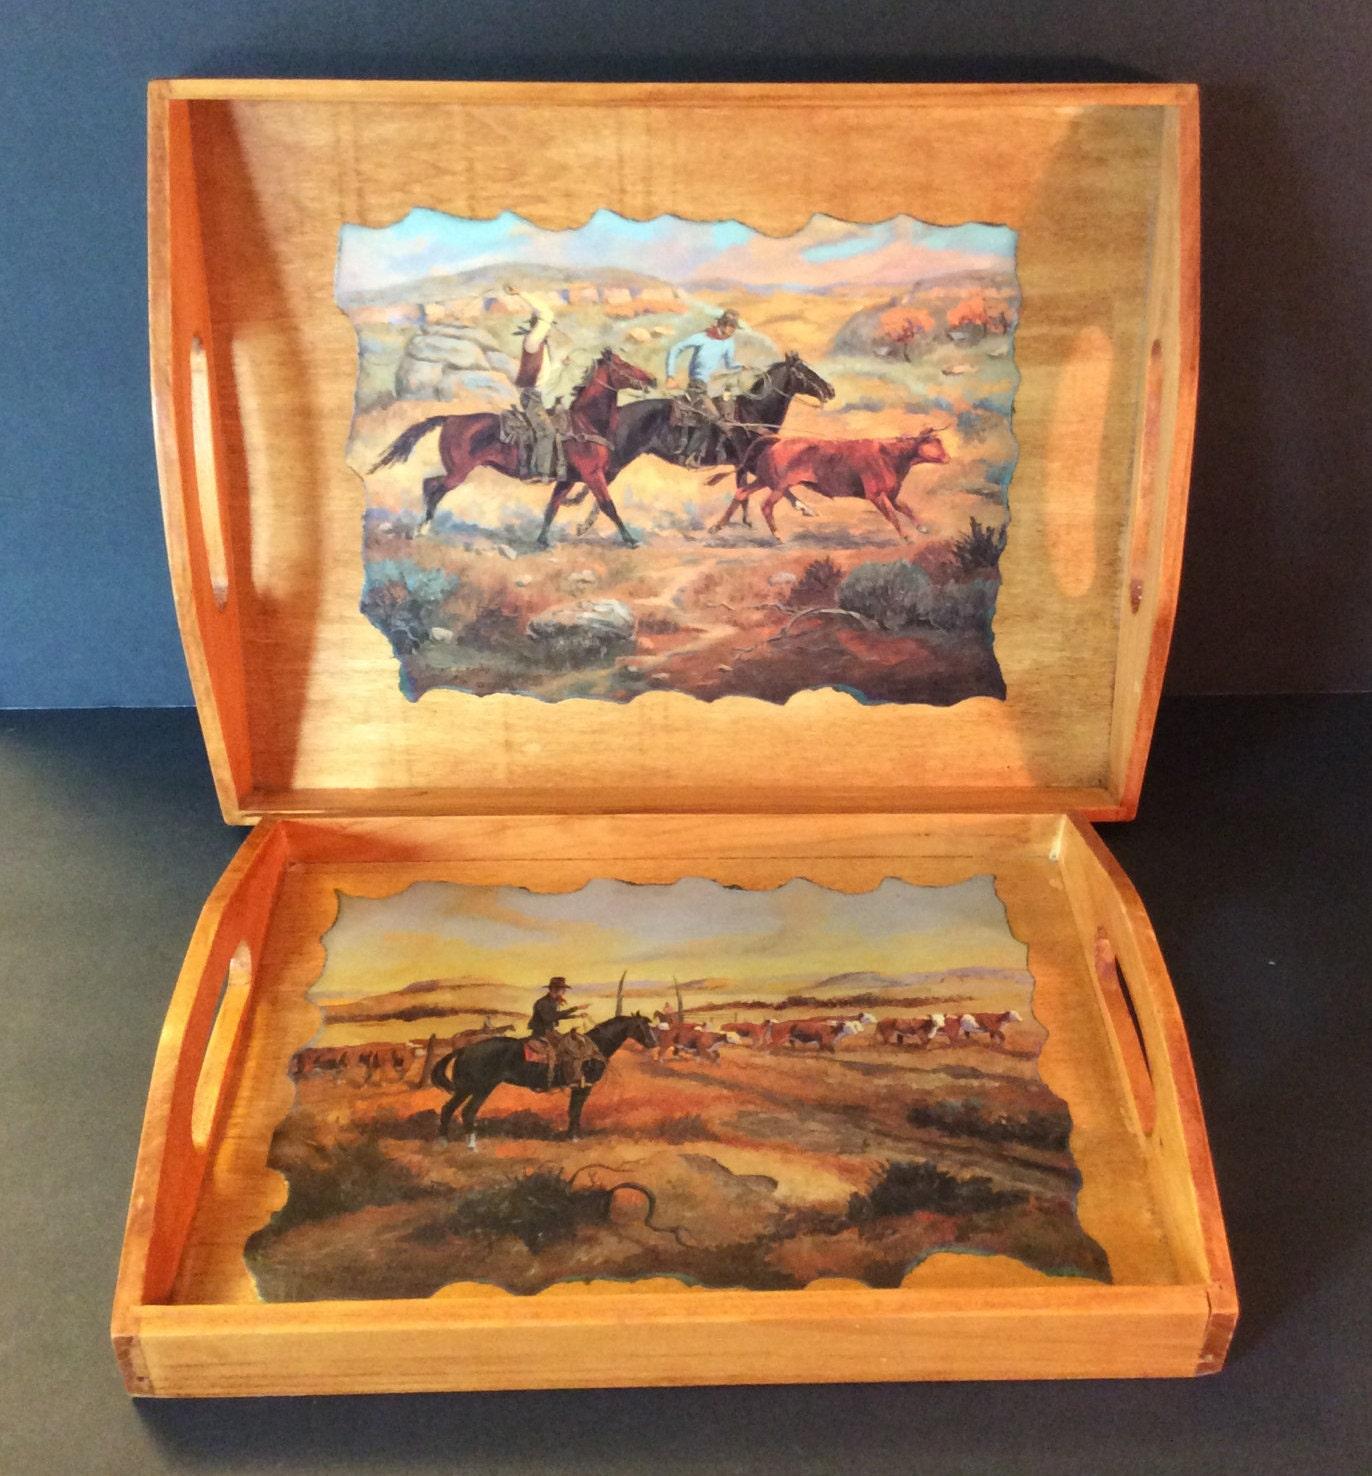 Western Decor On Sale: SALE Western Serving Trays, Western Decor, Cowboy Decor